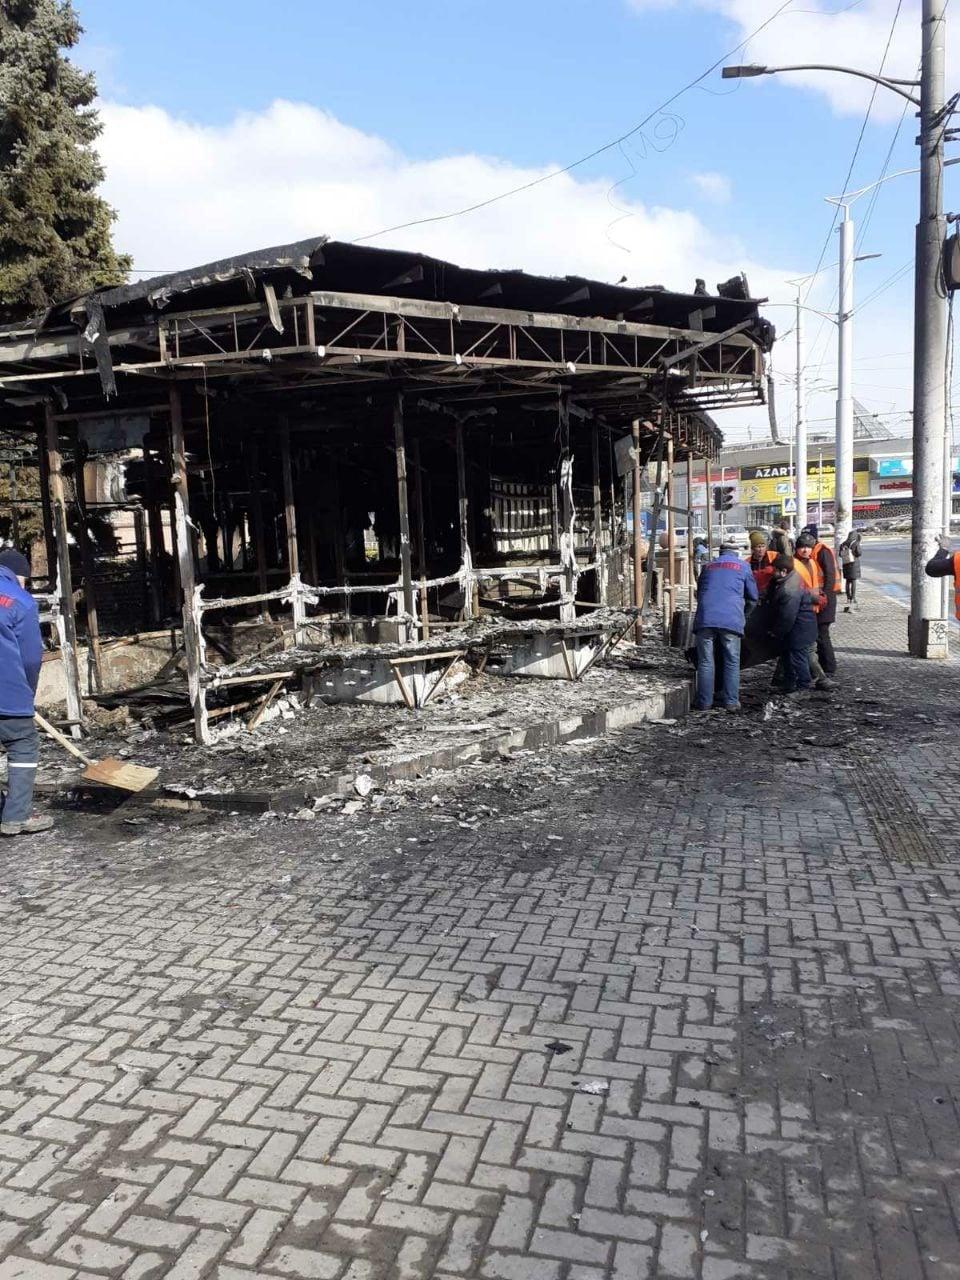 Chiar dacă contractul de închiriere încă nu a expirat, chioșcul din centrul capitalei unde recent s-a produs un incendiu, este demolat